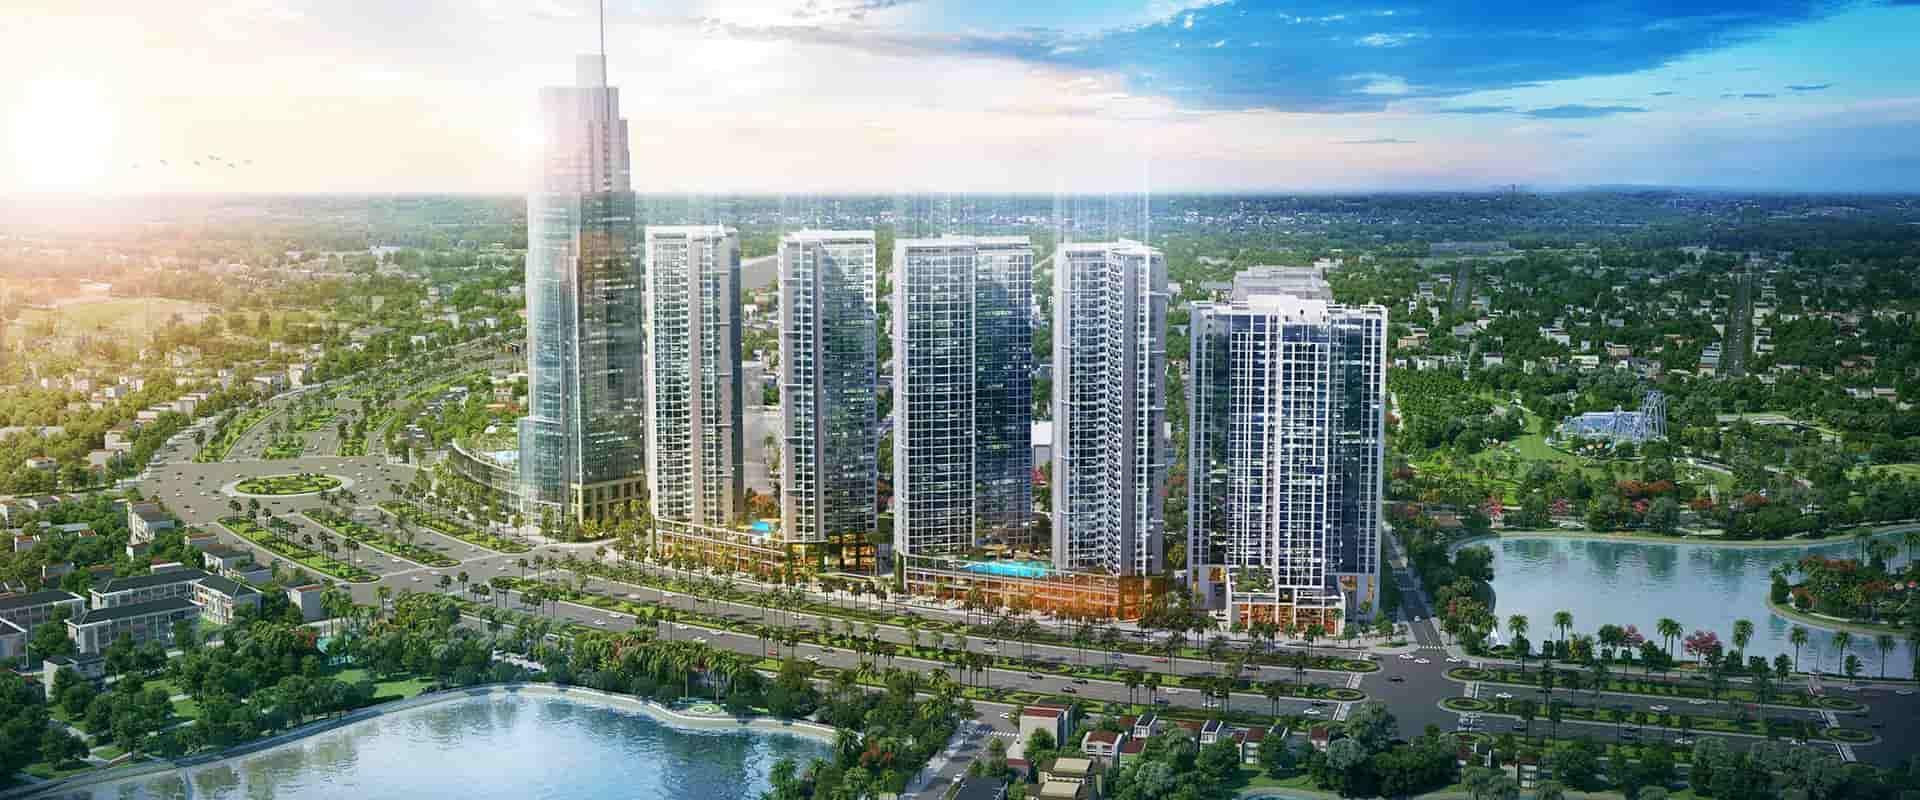 Thông tin cần biết về dự án Eco Green Saigon